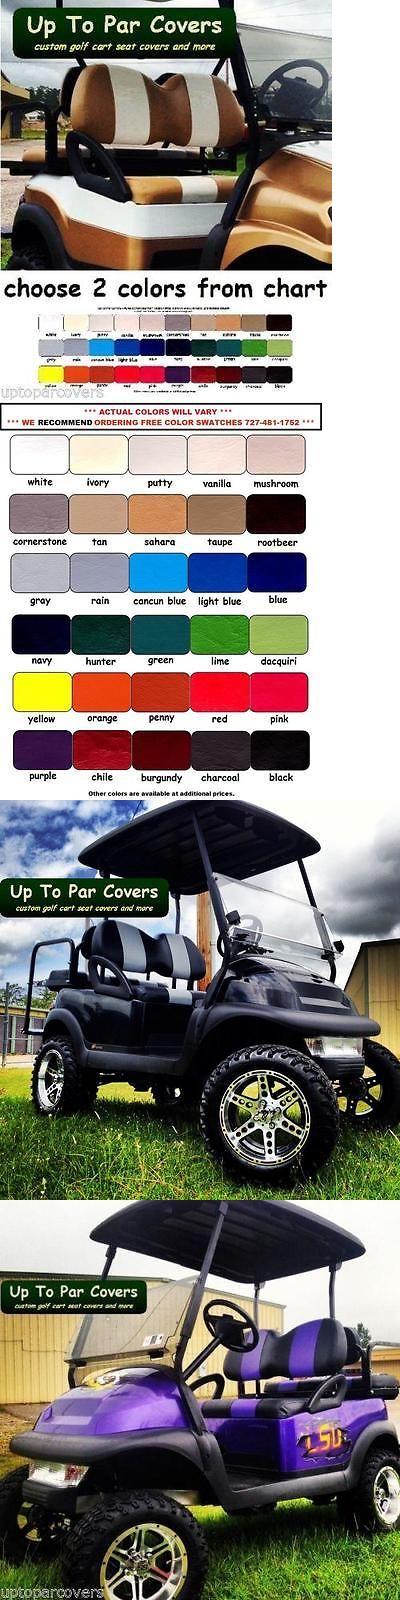 best ideas about yamaha golf carts golf cart push pull golf carts 75207 clubcar e z go yamaha golf cart